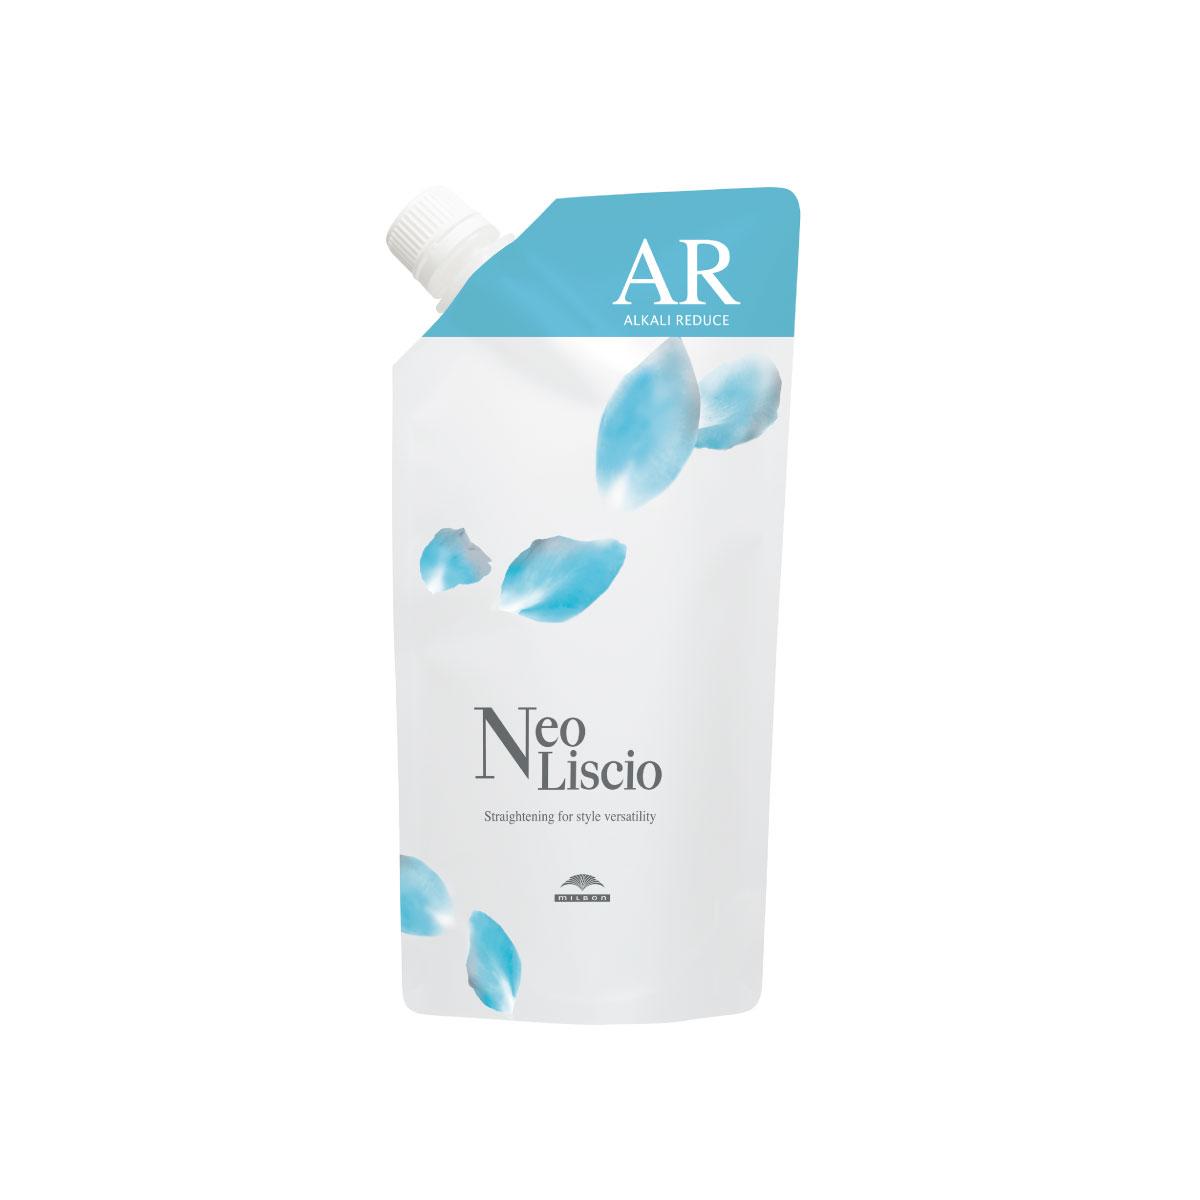 ミルボン ネオリシオ AR (milbon neoliscio ar) image